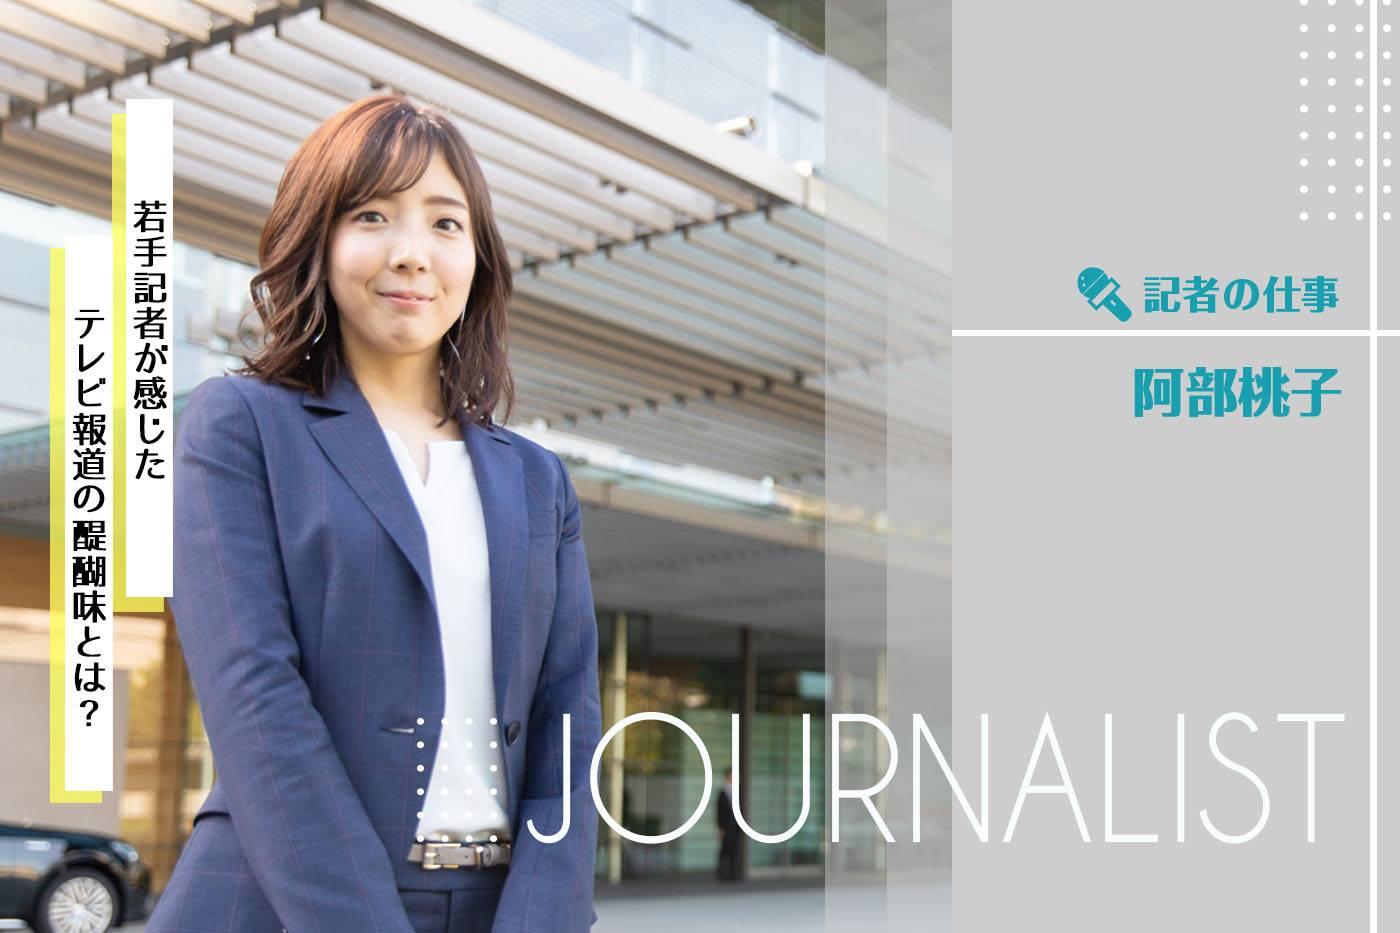 取材センター政治部 阿部桃子   記者の仕事 - 仕事紹介   FUJI ...